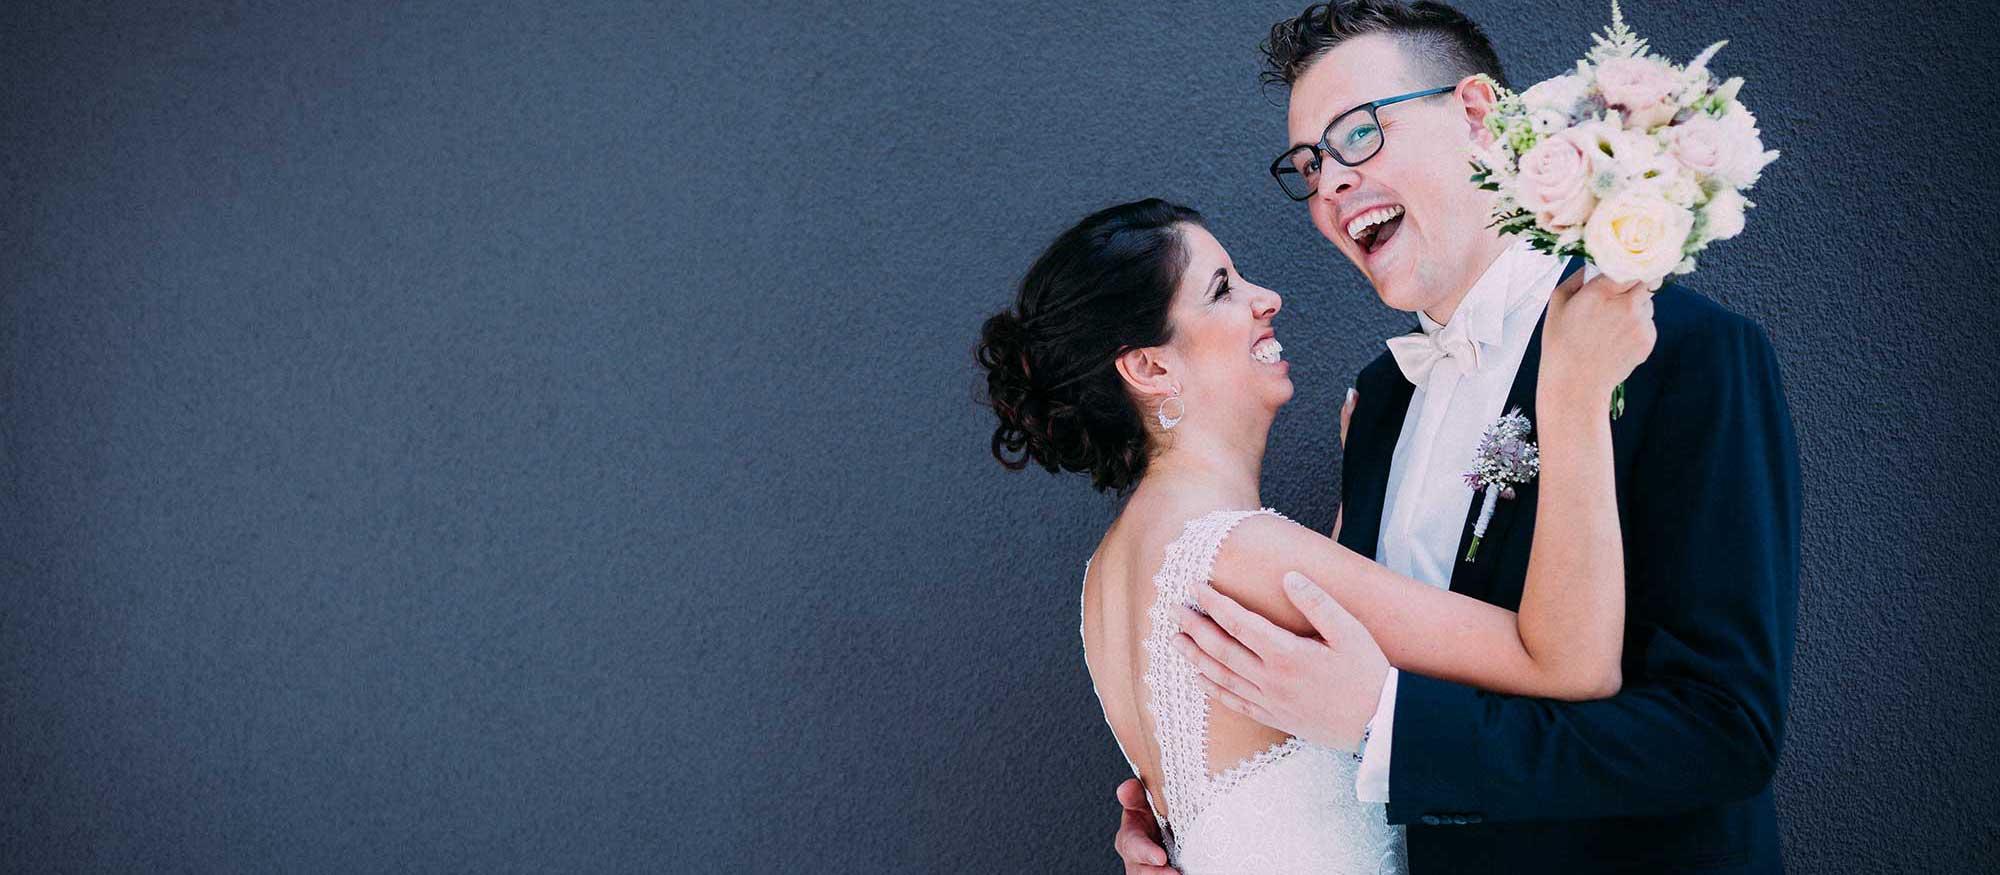 Hochzeitsfotograf in Stuttgart und Umgebung geiler Moment und lachendes Brautpaar